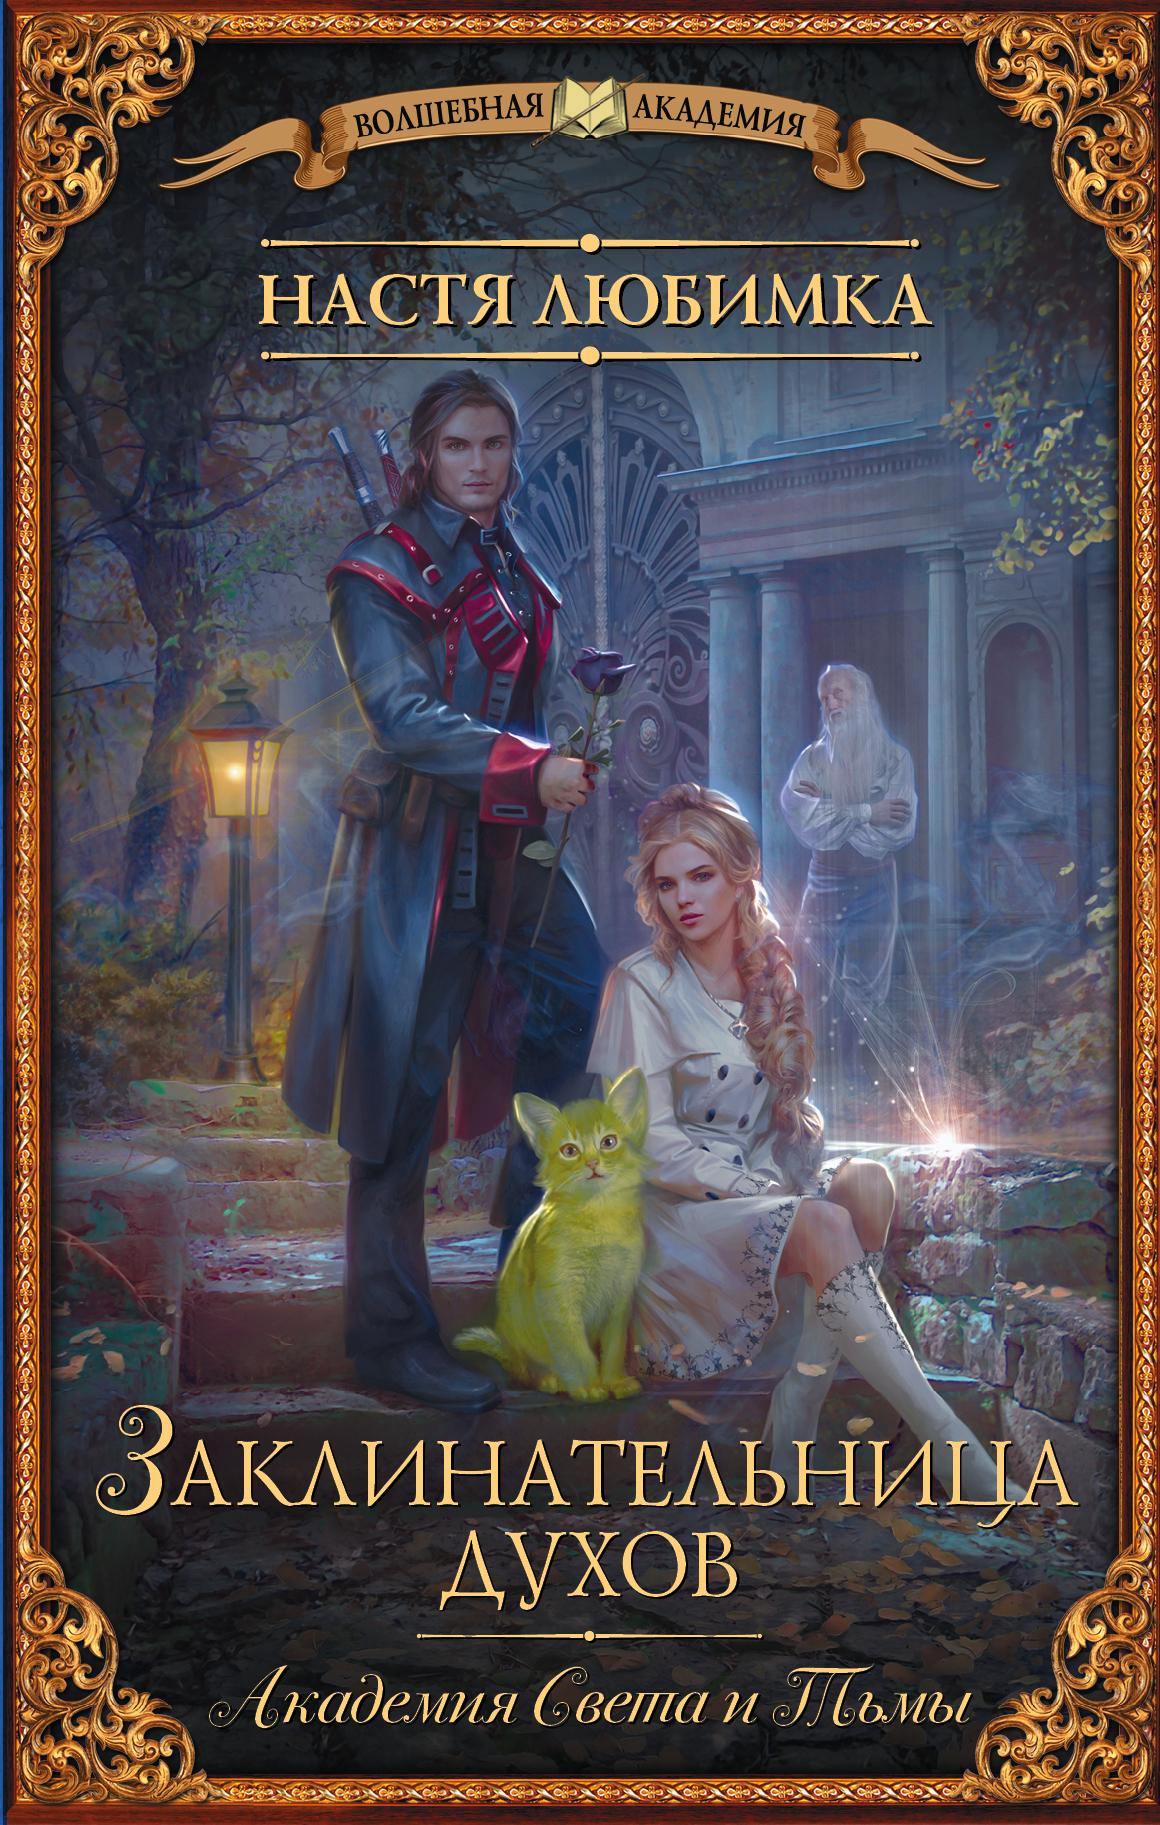 Настя Любимка - Академия света и тьмы. Заклинательница духов